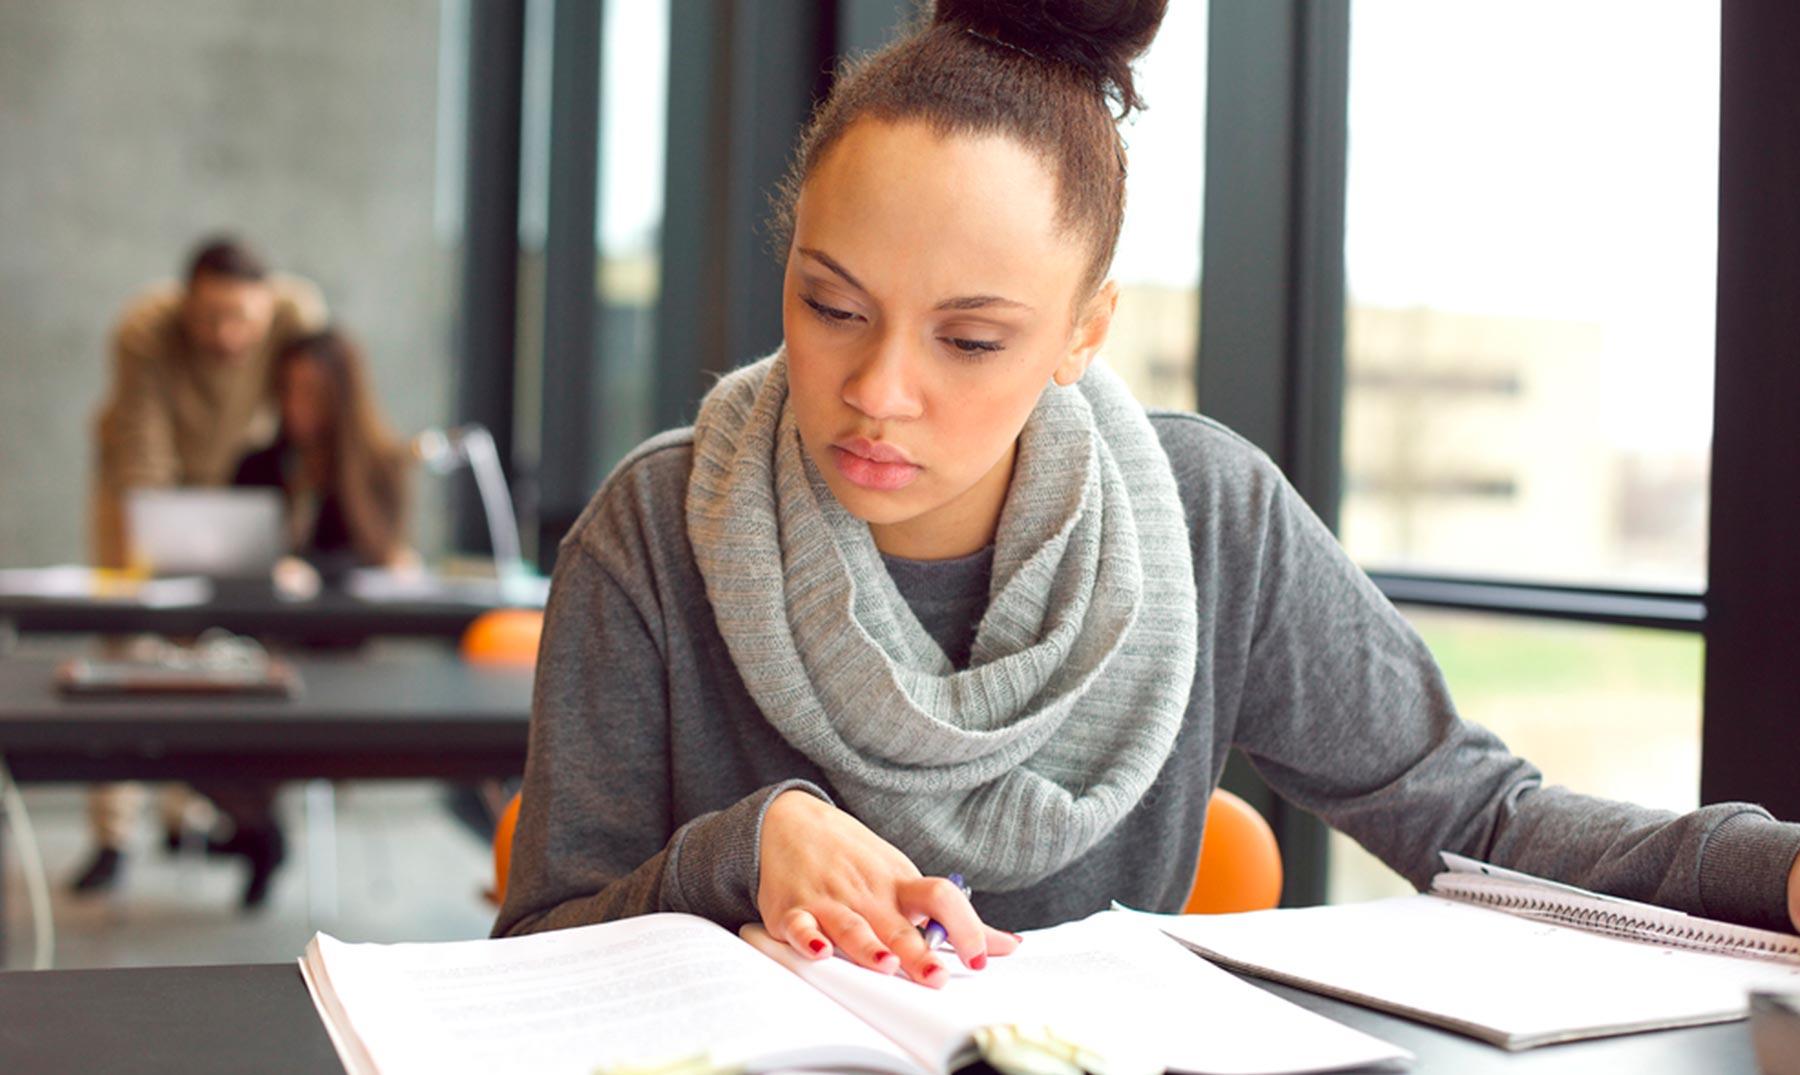 C mo concentrarse para estudiar 10 consejos m todos y m s - Como concentrarse en estudiar ...